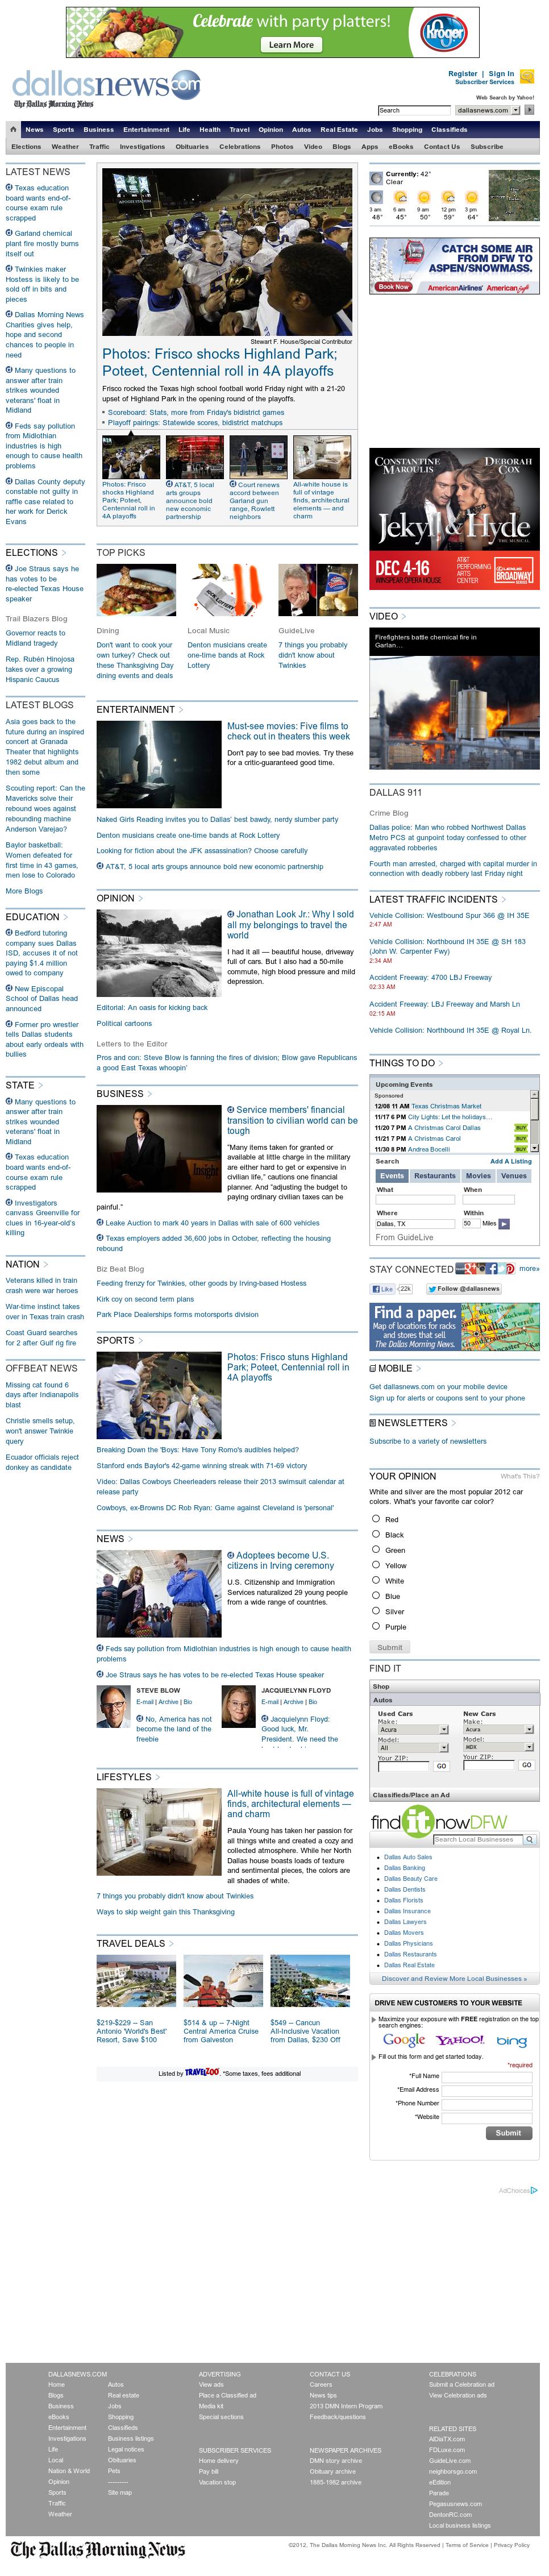 dallasnews.com at Saturday Nov. 17, 2012, 9:06 a.m. UTC